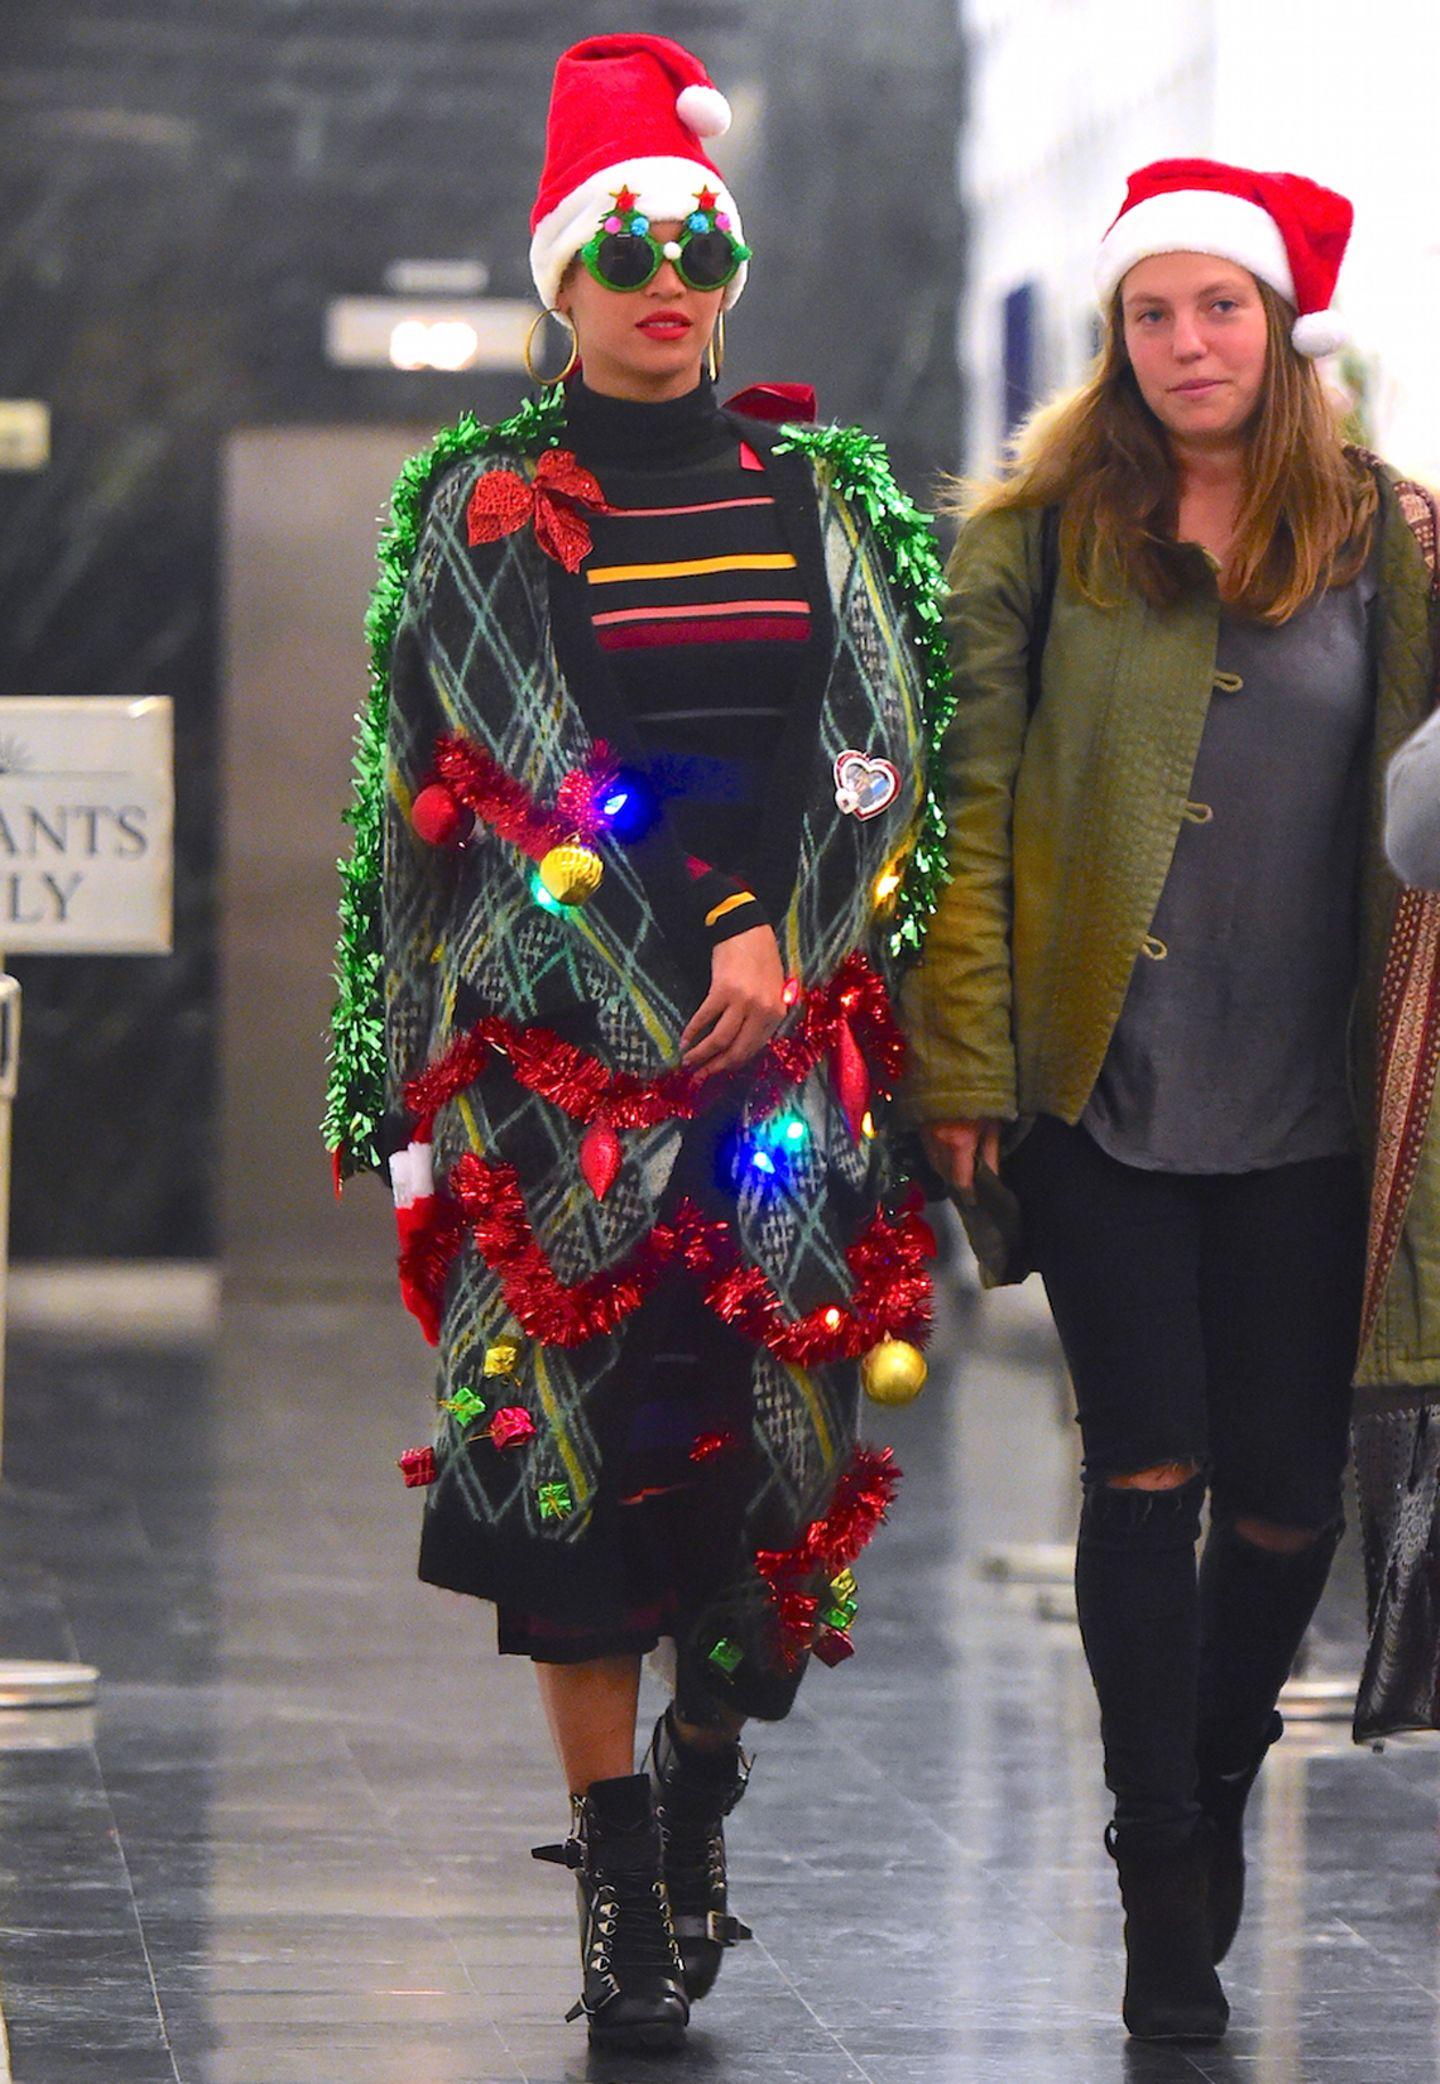 Na, das ist doch mal ein Weihnachtslook! Superstar Beyonce flaniert als wandelnder Tannenbaum mit kitschigem Glitzerschmuck durch eine New Yorker Empfangshalle.